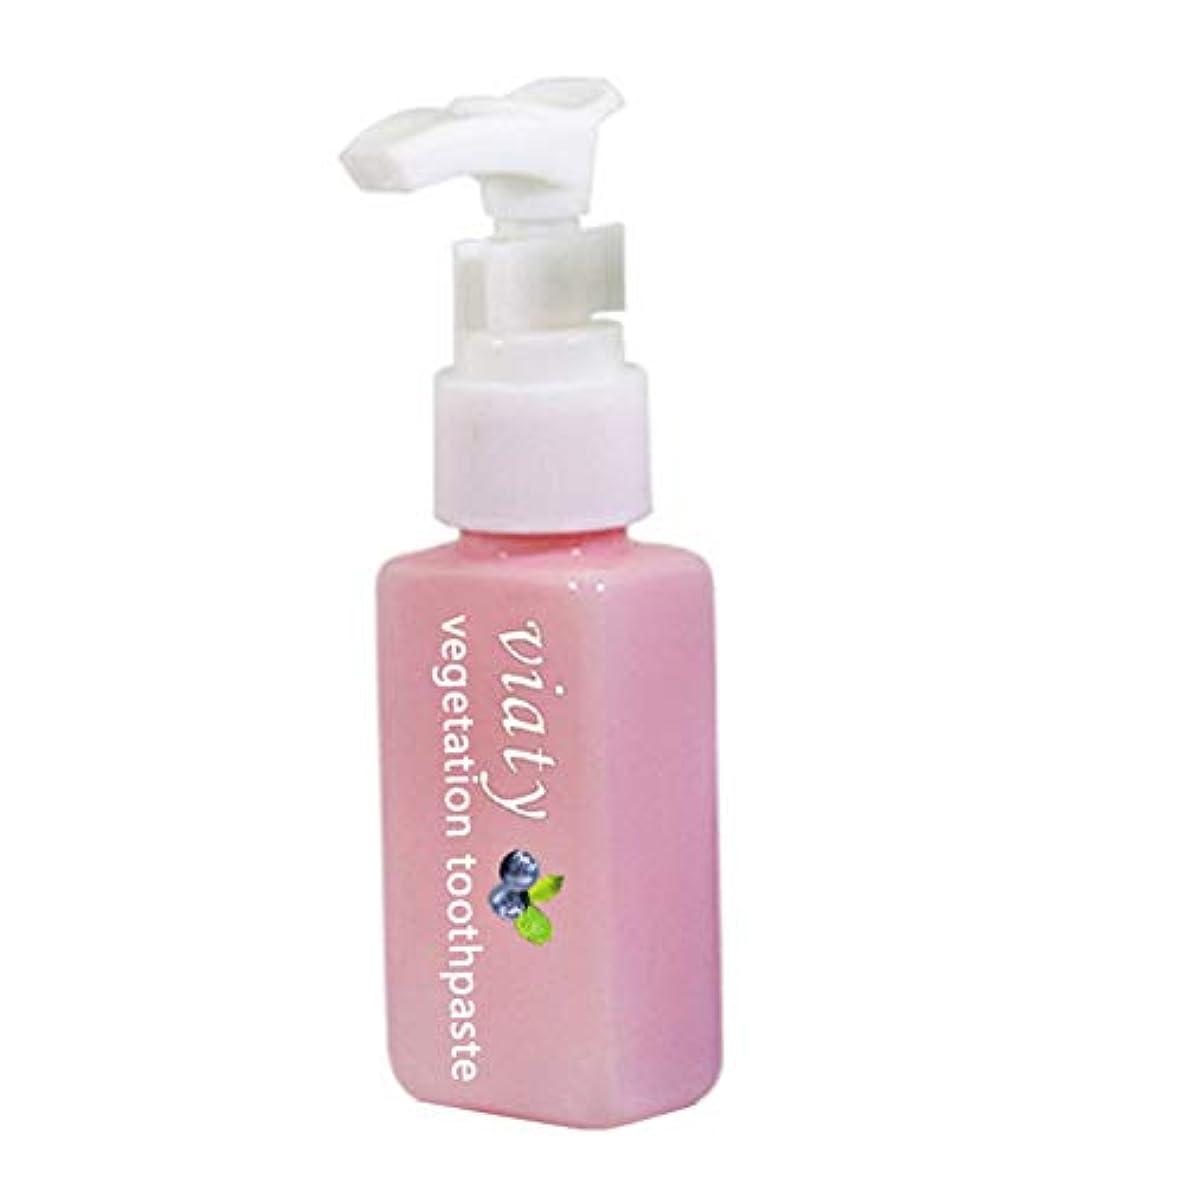 実際の到着する艶Tenflyer歯磨き粉アンチブリードガムプレスタイプ新鮮な歯磨き粉を白くする汚れ除去剤